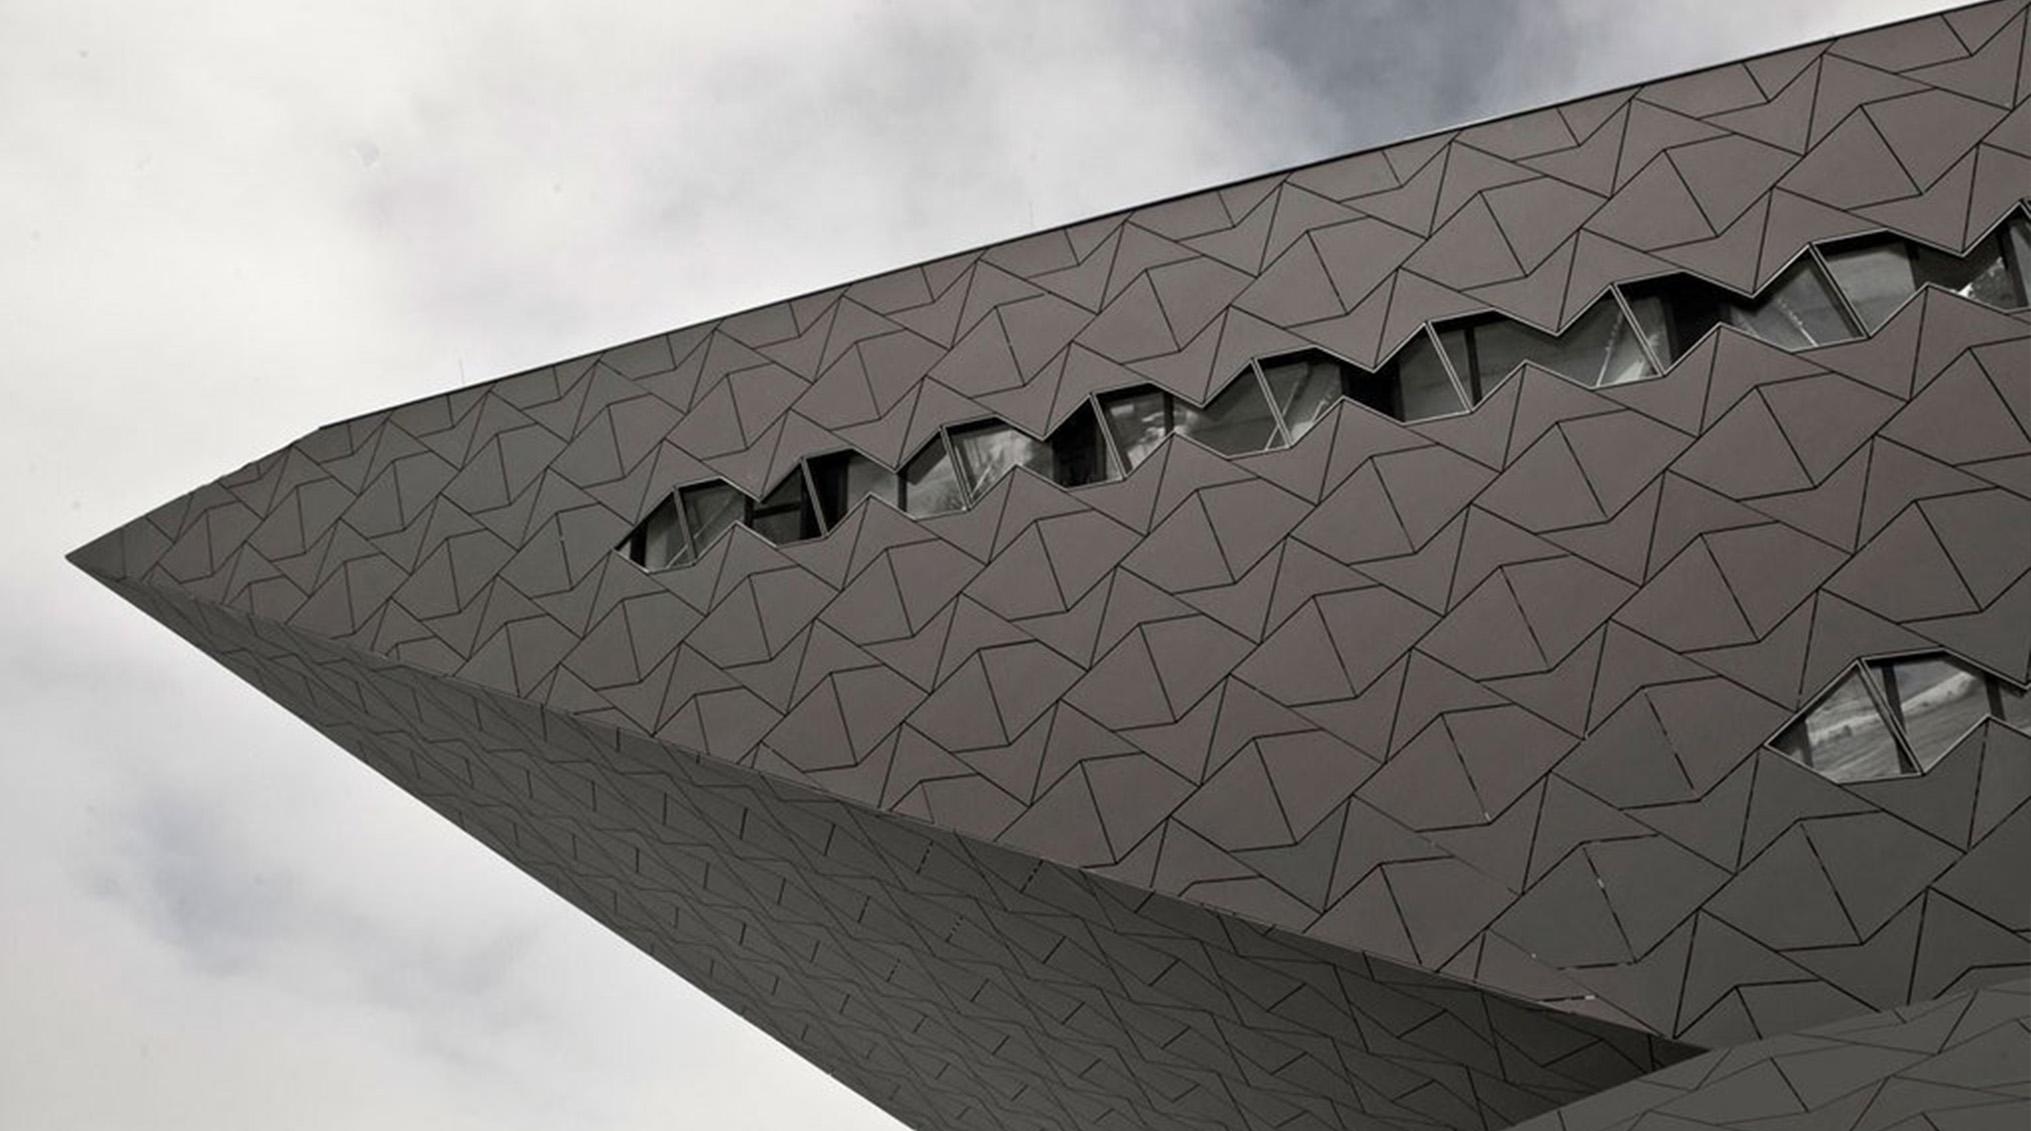 پنل های فایبرسیمان مخصوص استفاده در نمای ساختمانها